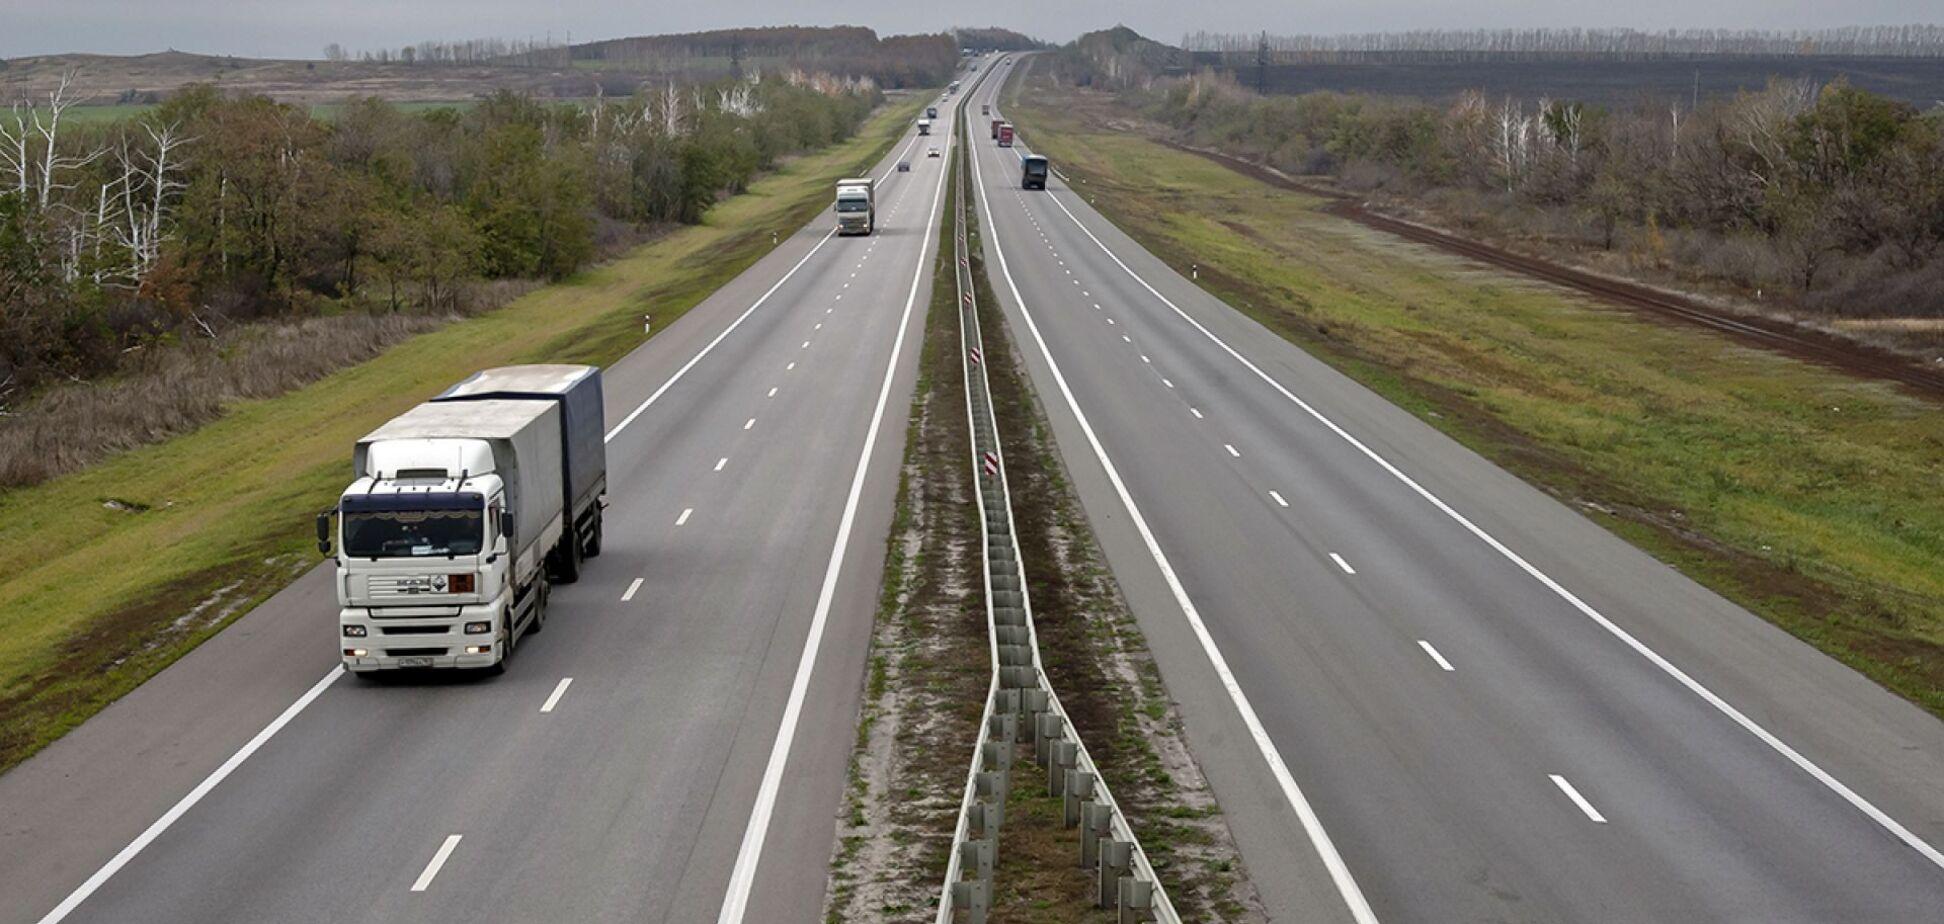 Киевскую обходную дорогу начнут строить в 2021 году – Укравтодор